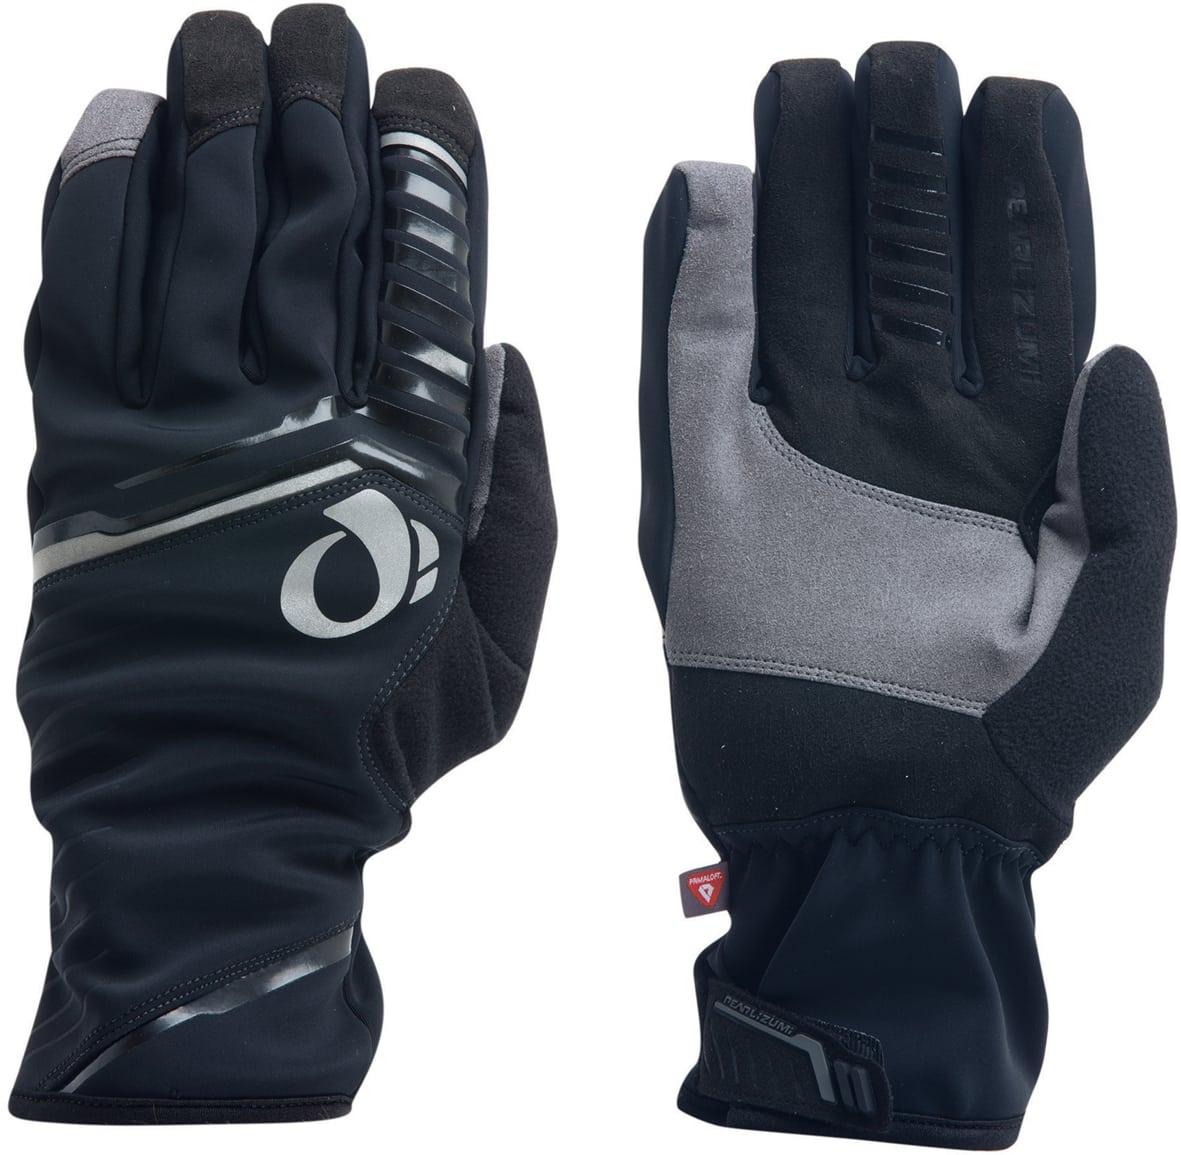 FIVE FINGERS: Ikke alle liker å ha flere fingre holdt sammen, og da er det Pearl Izumi PRO Amfib Winter Glove som gjelder.